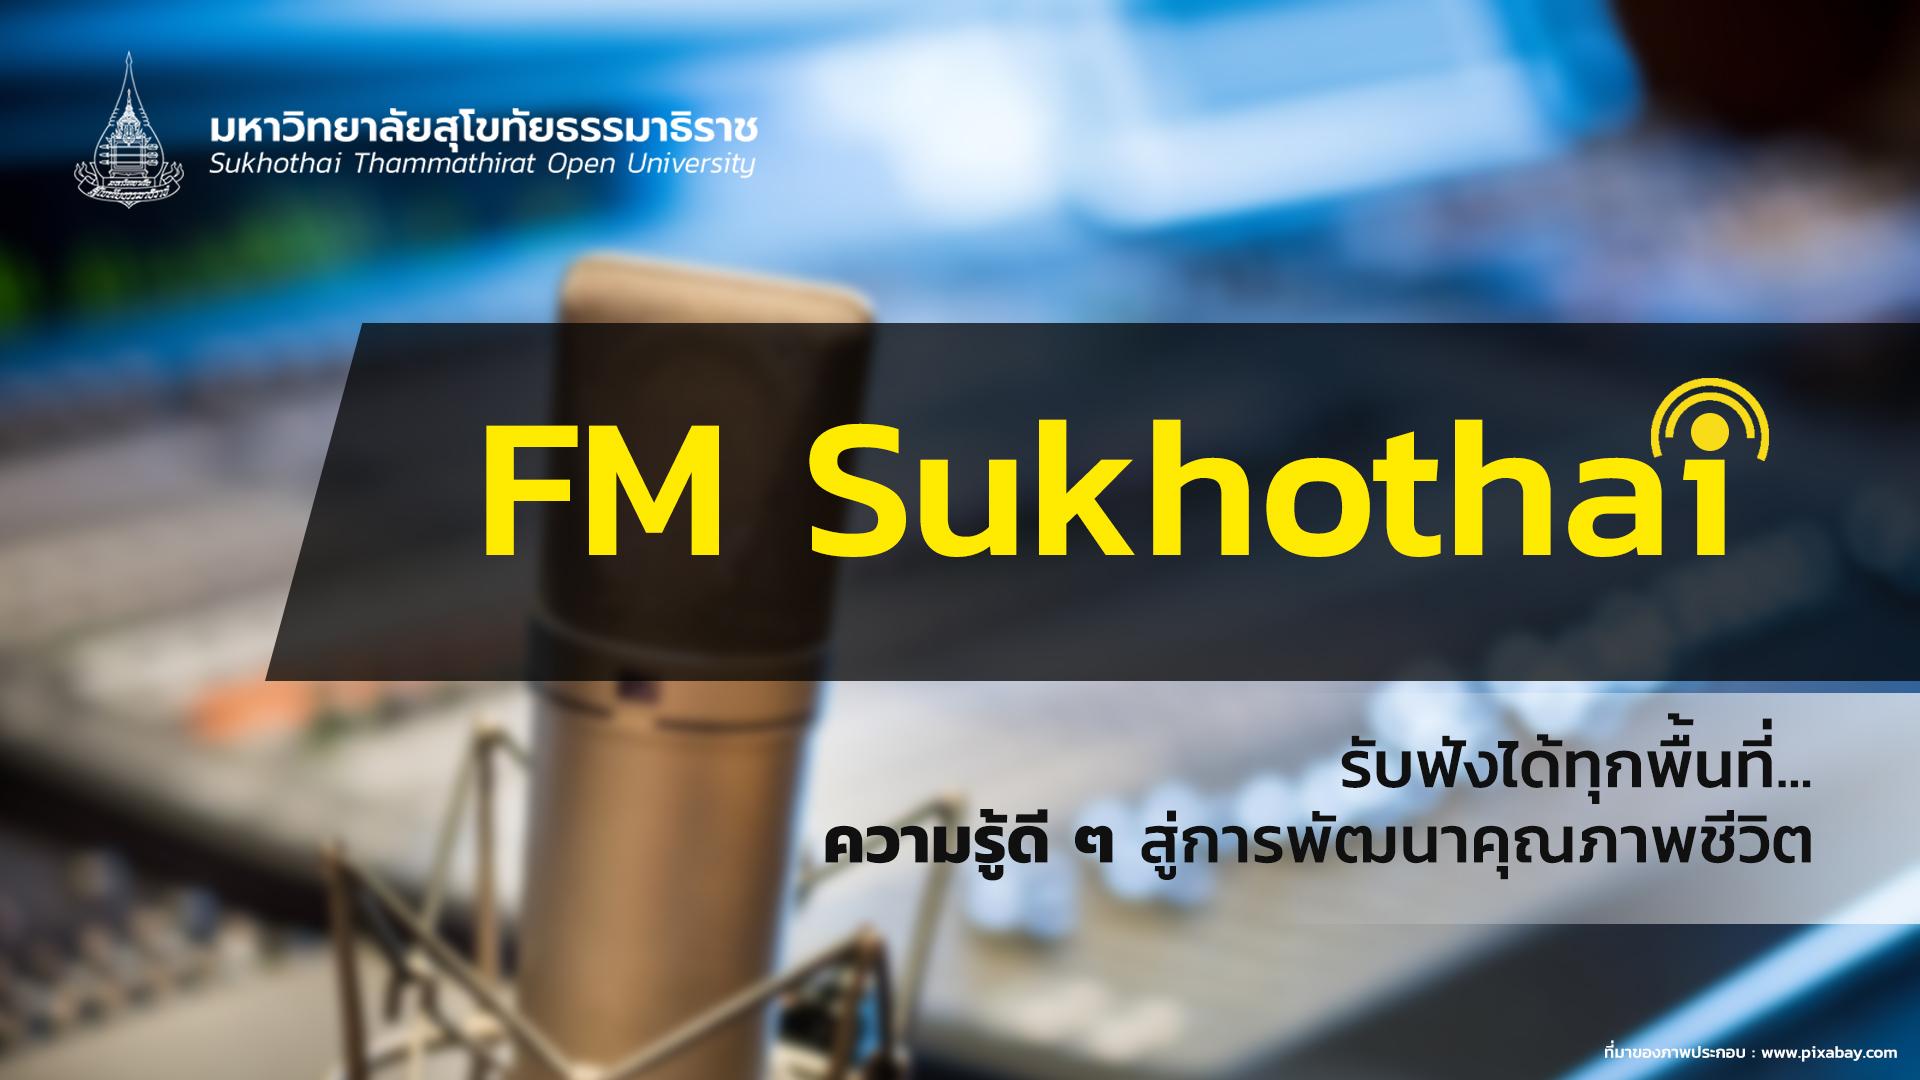 32310 ตลาดการเงิน สถาบัน และนโยบายการเงิน รายการที่ 4